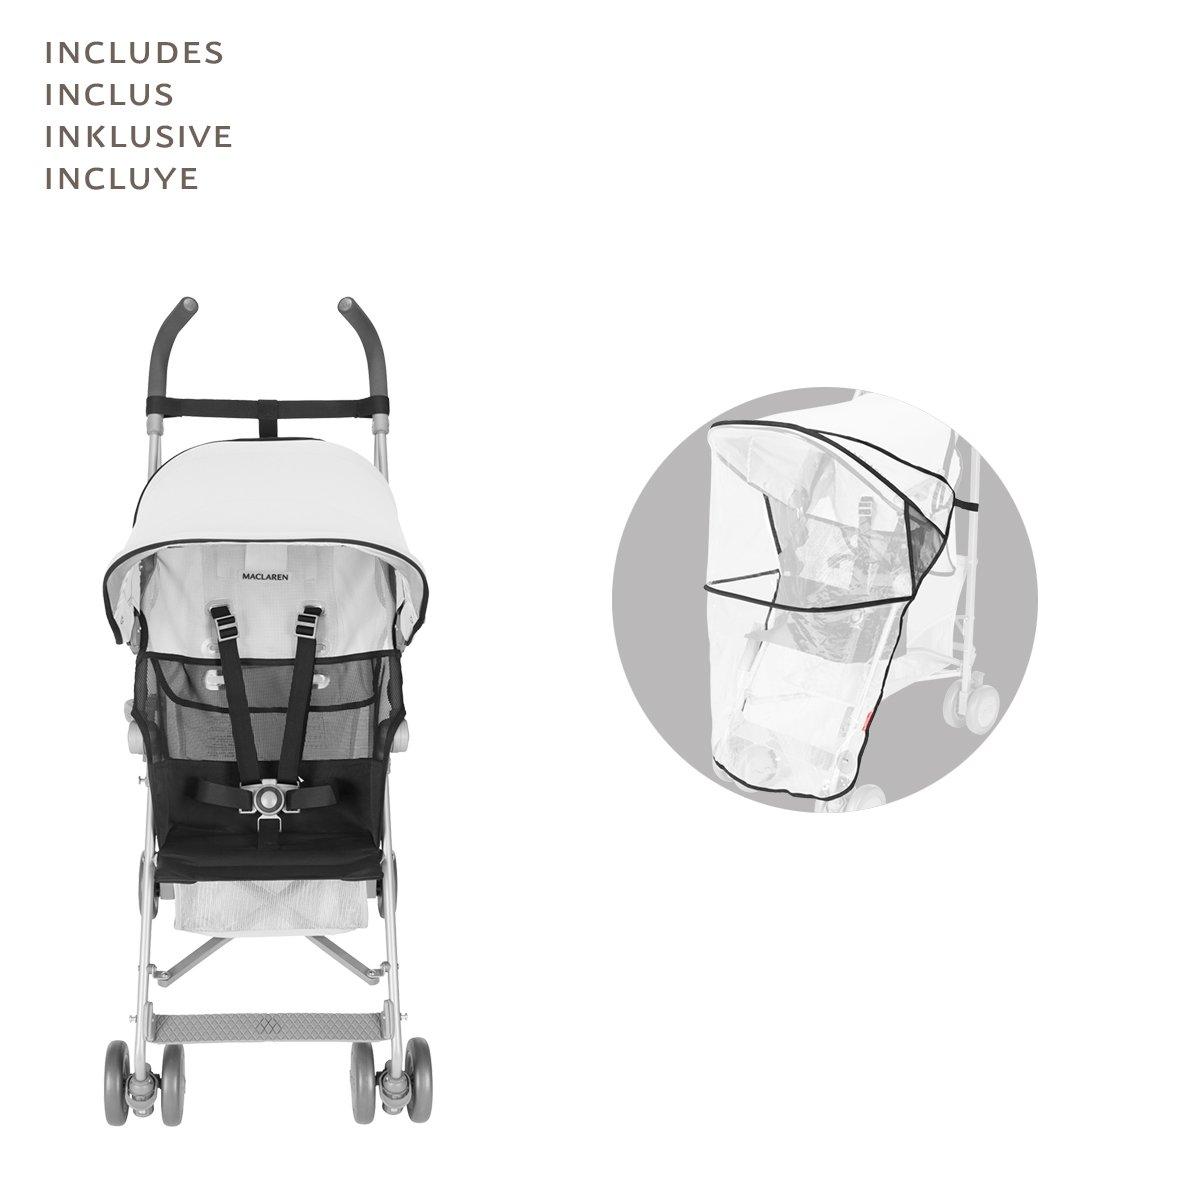 Amazon.com: Maclaren Volo carriola, color plateado/negro: Baby